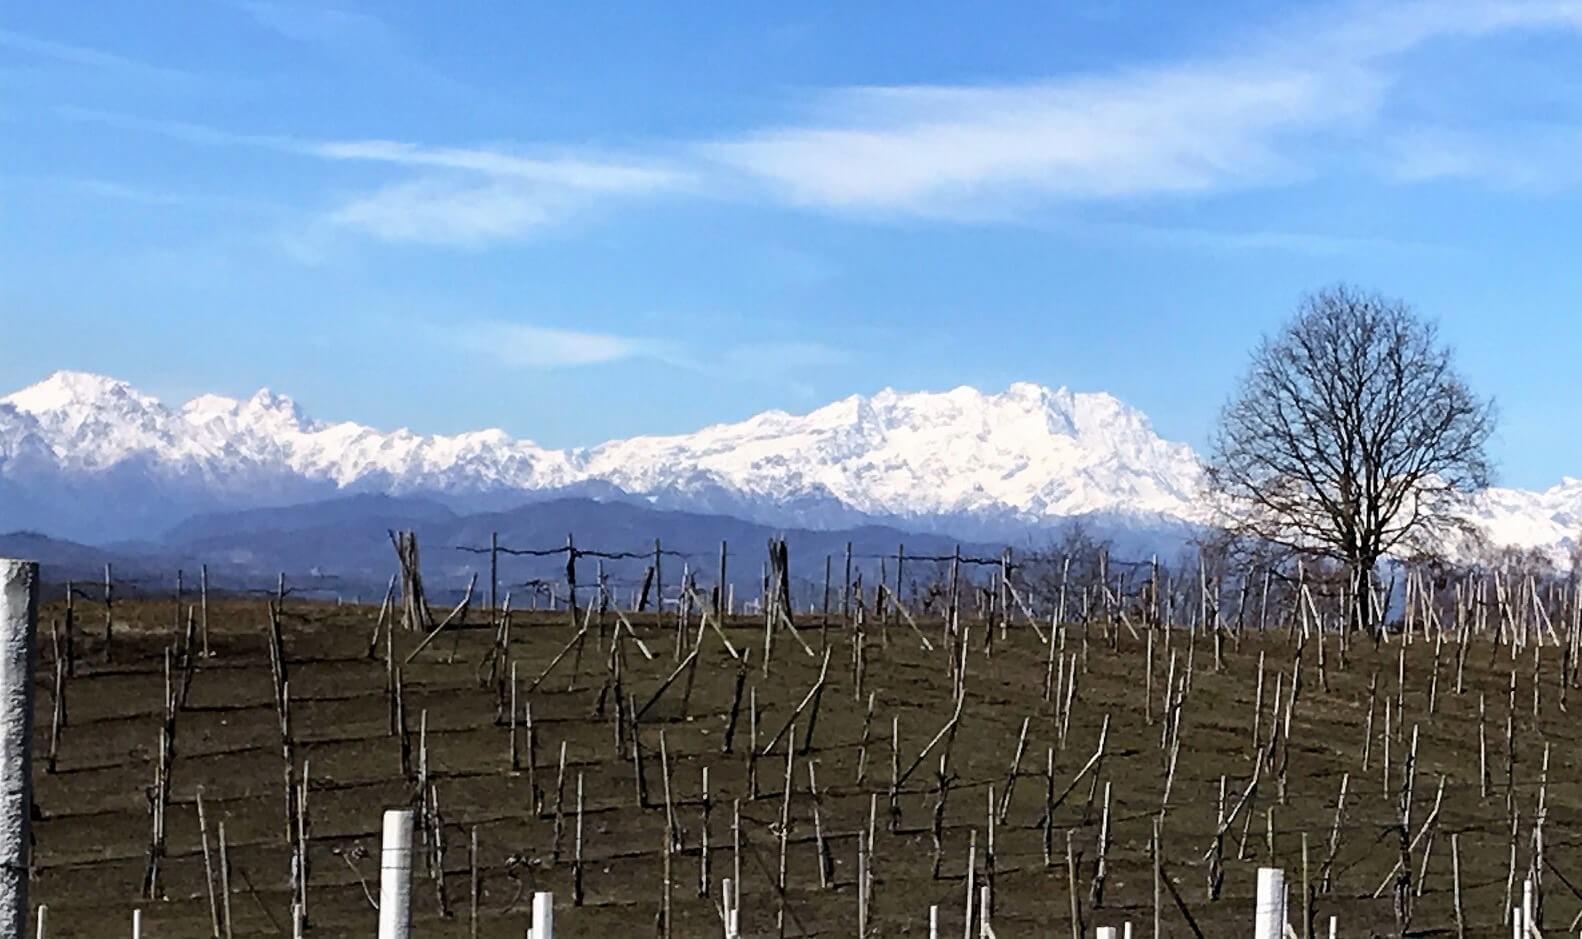 「イタリアの春はまだ遠く」